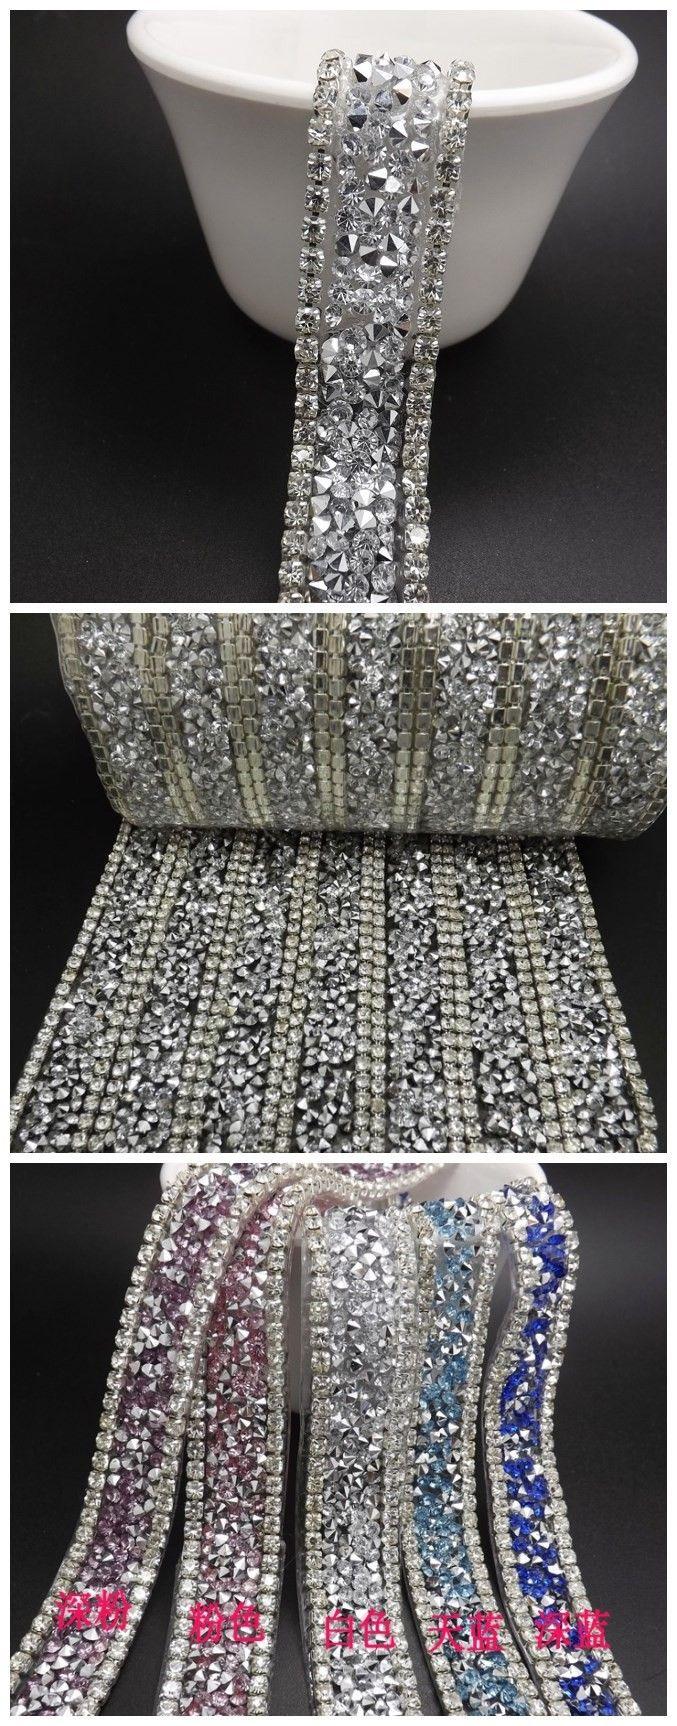 Свадьба кристалл горного хрусталя кромкооблицовочный, Много цветов, 2 ярды / много, Фантазии свадебные платья декоративная отделка, Свадебный торт декоративная отделка купить на AliExpress